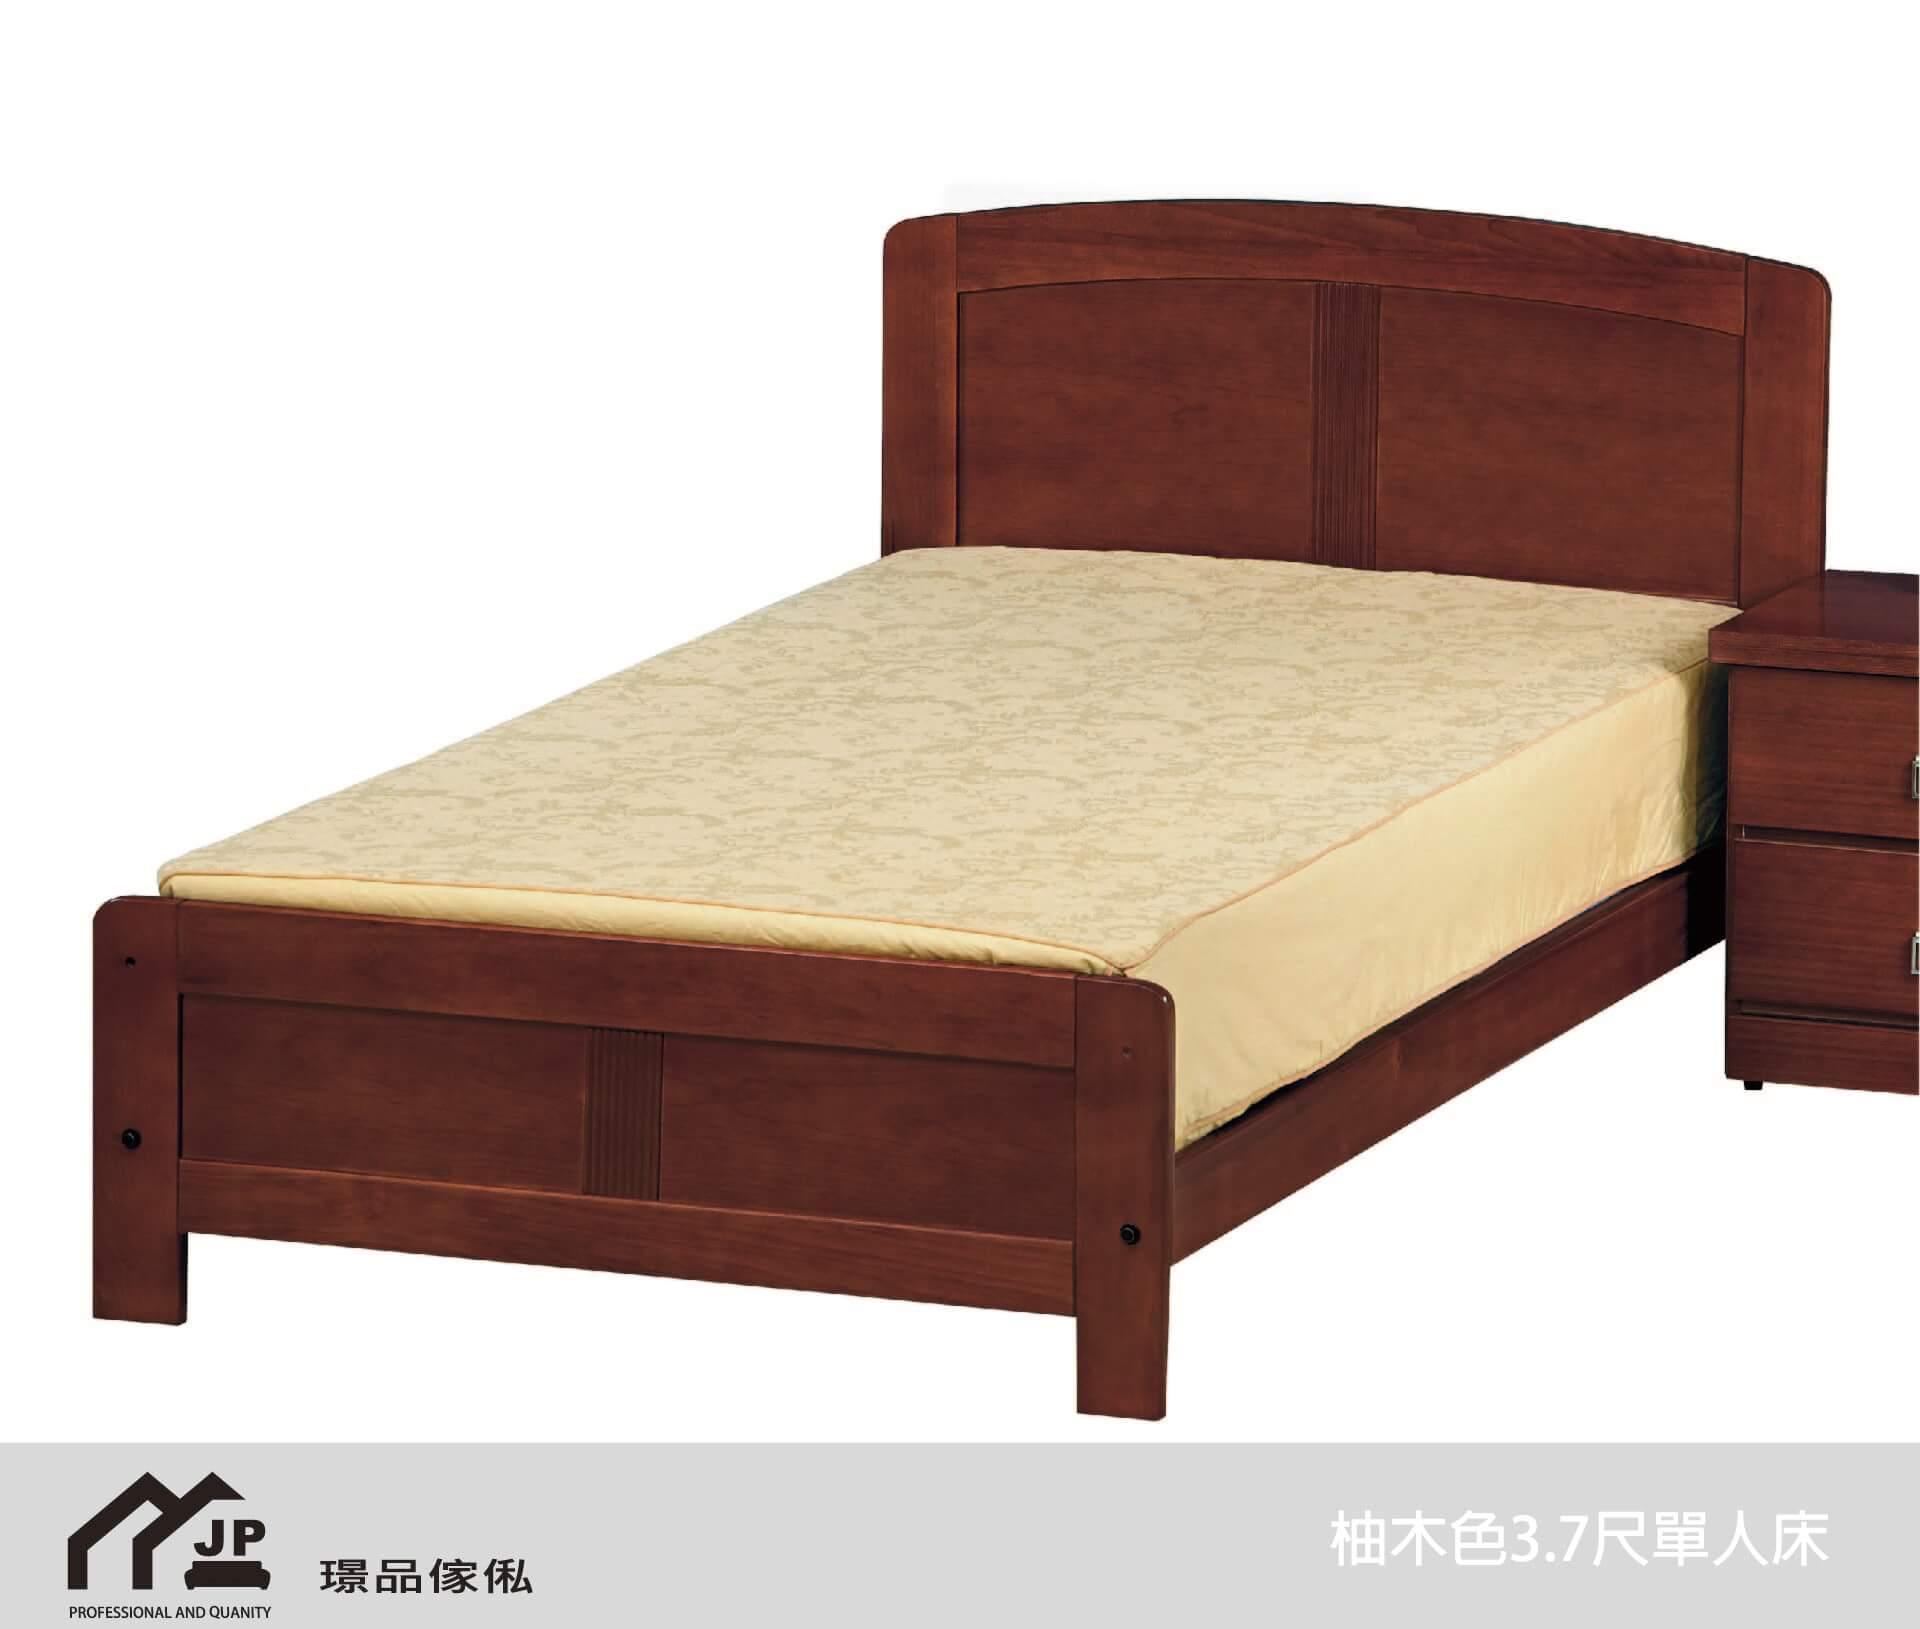 柚木色3.7尺單人床 - 璟品傢俬|沙發工廠直營門市